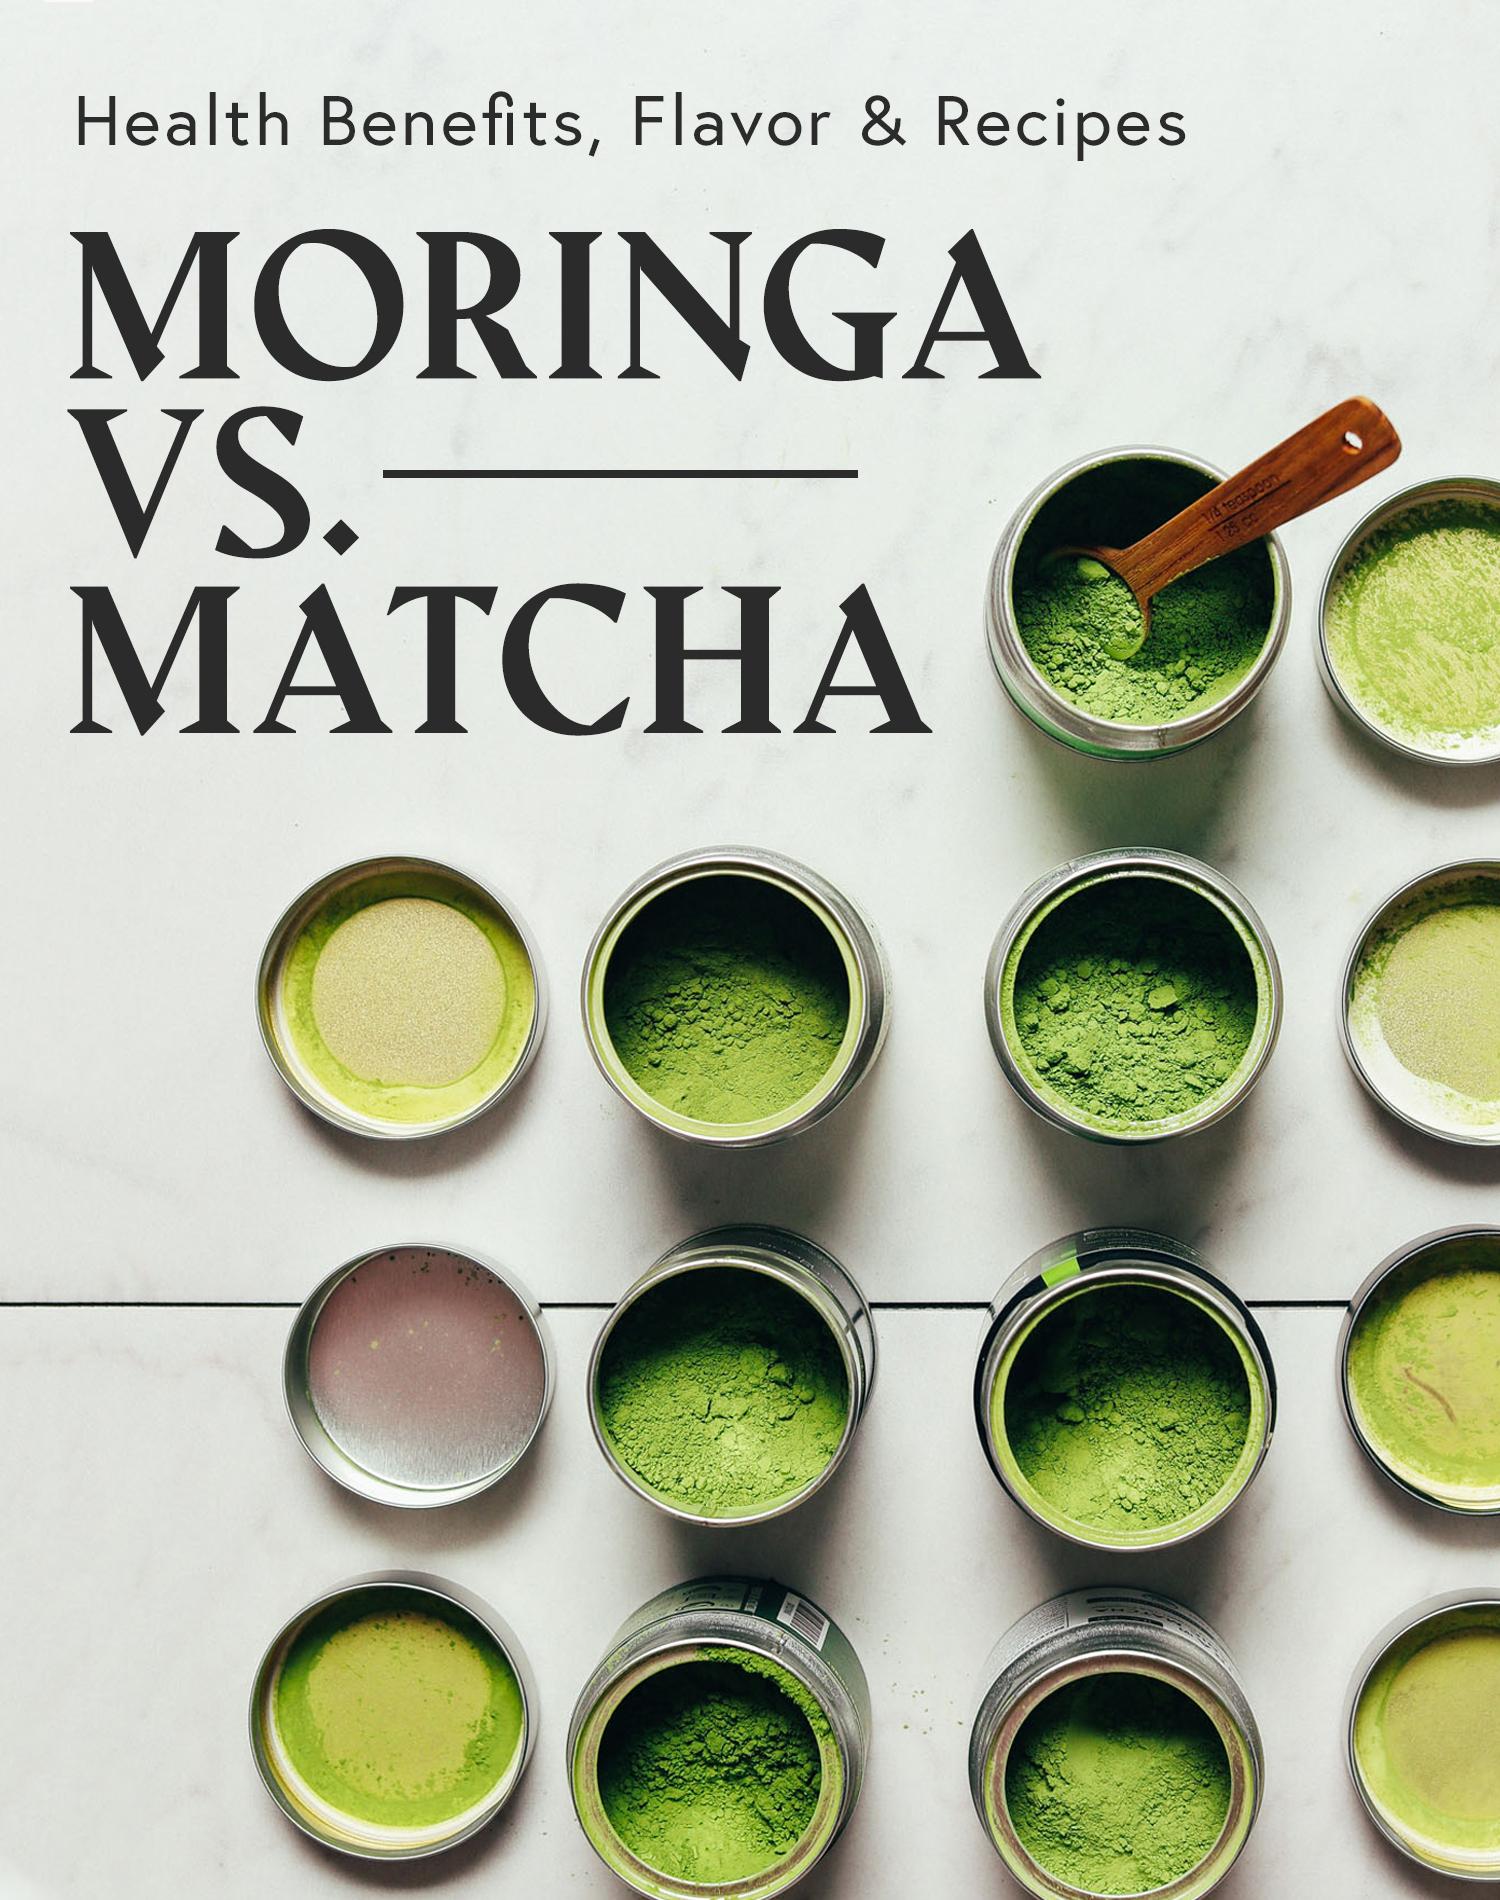 Jars of matcha for our comparison of matcha vs. moringa